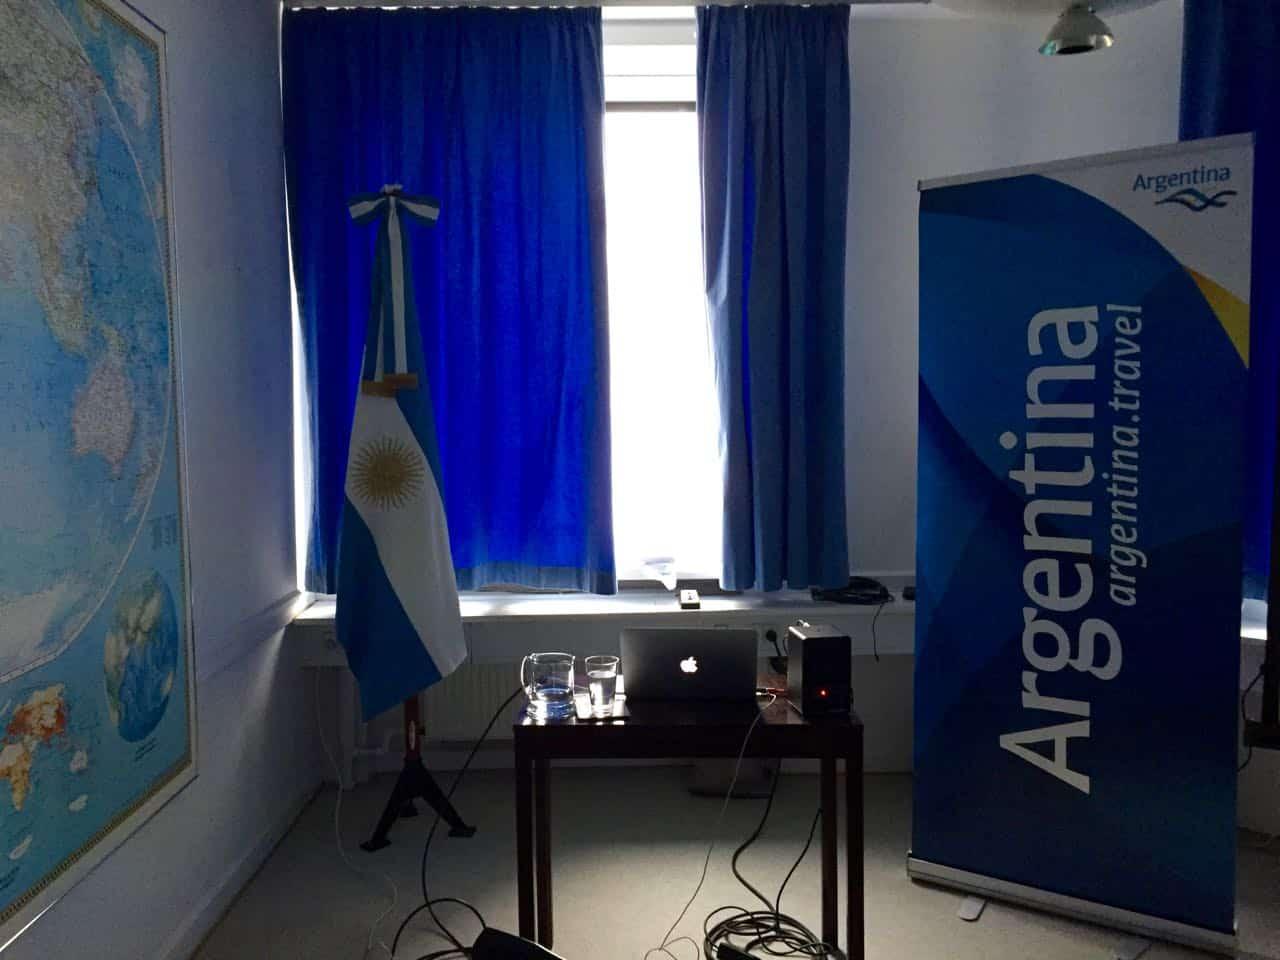 Invitation til Argentinas ambassade